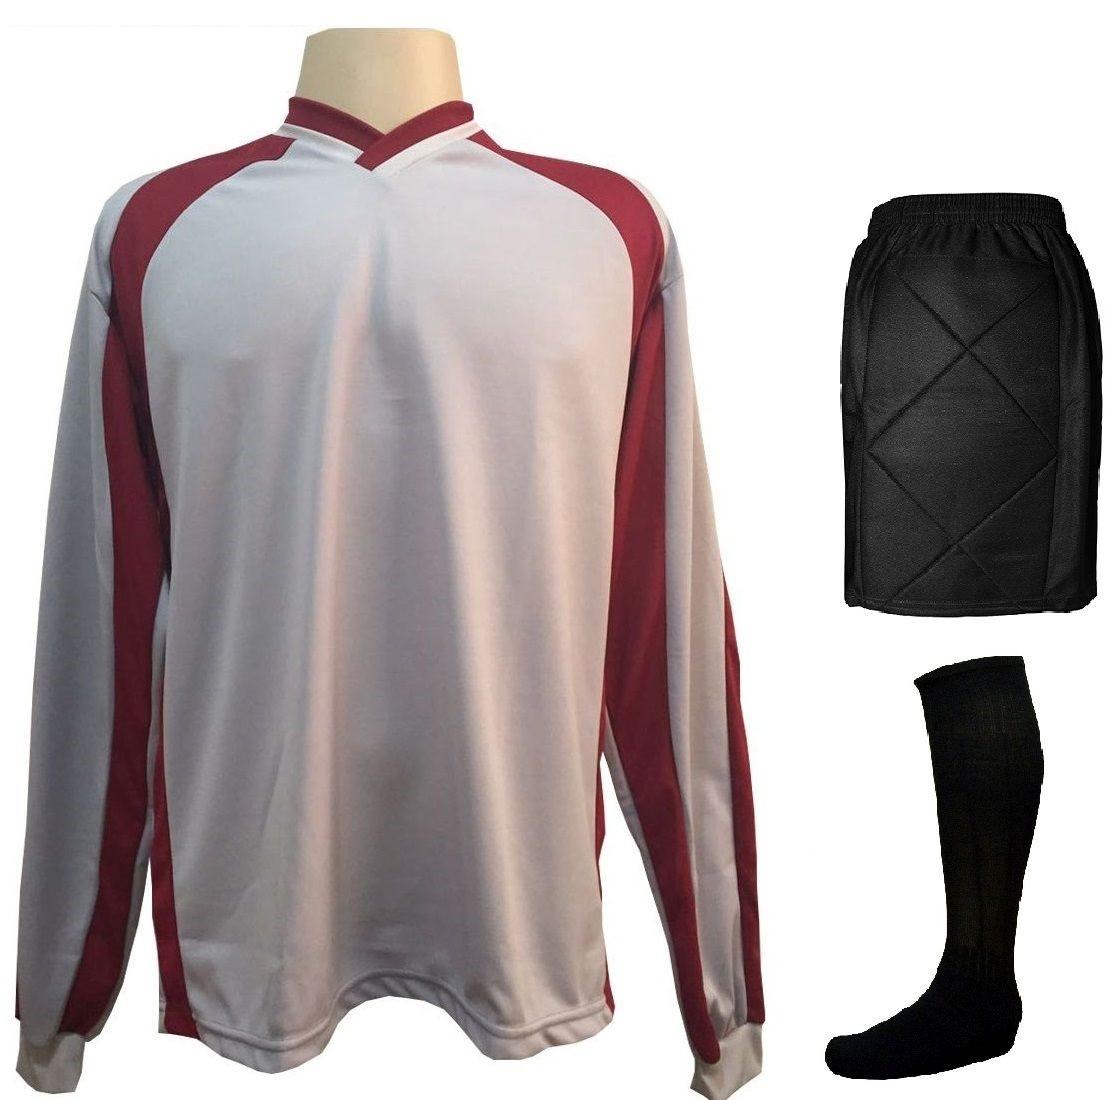 Fardamento Completo Modelo Columbus 18+1 (18 Camisas Royal/Branco + 18 Calções Madrid Branco + 18 Pares de Meiões Royal + 1 Conjunto de Goleiro) + Brindes